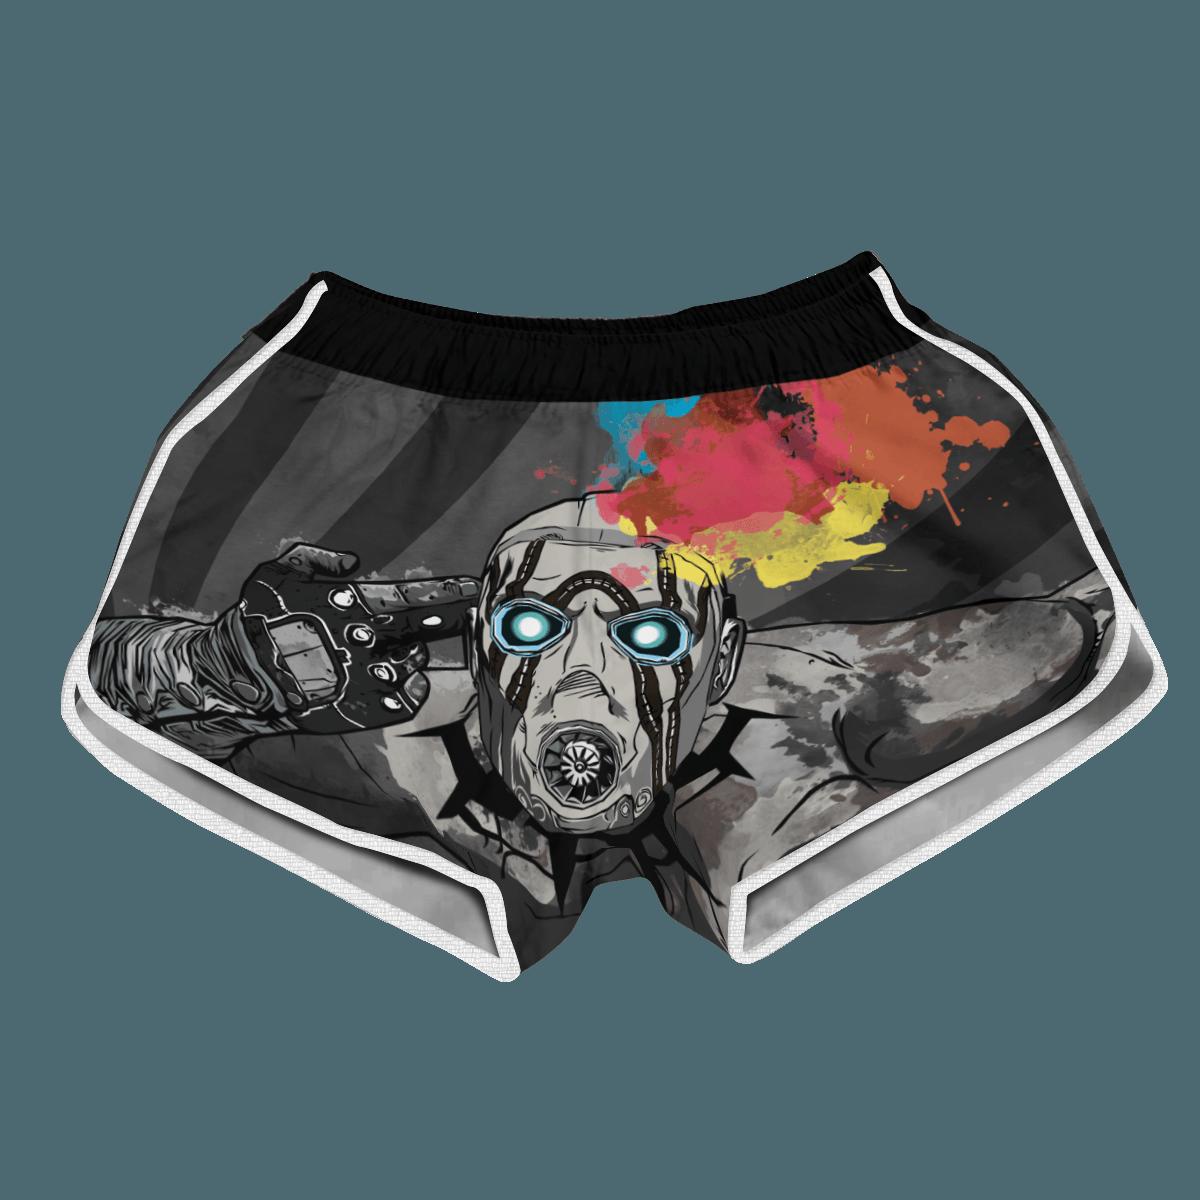 Legendary Psycho Women Beach Shorts FDM3107 XS Official Anime Swimsuit Merch